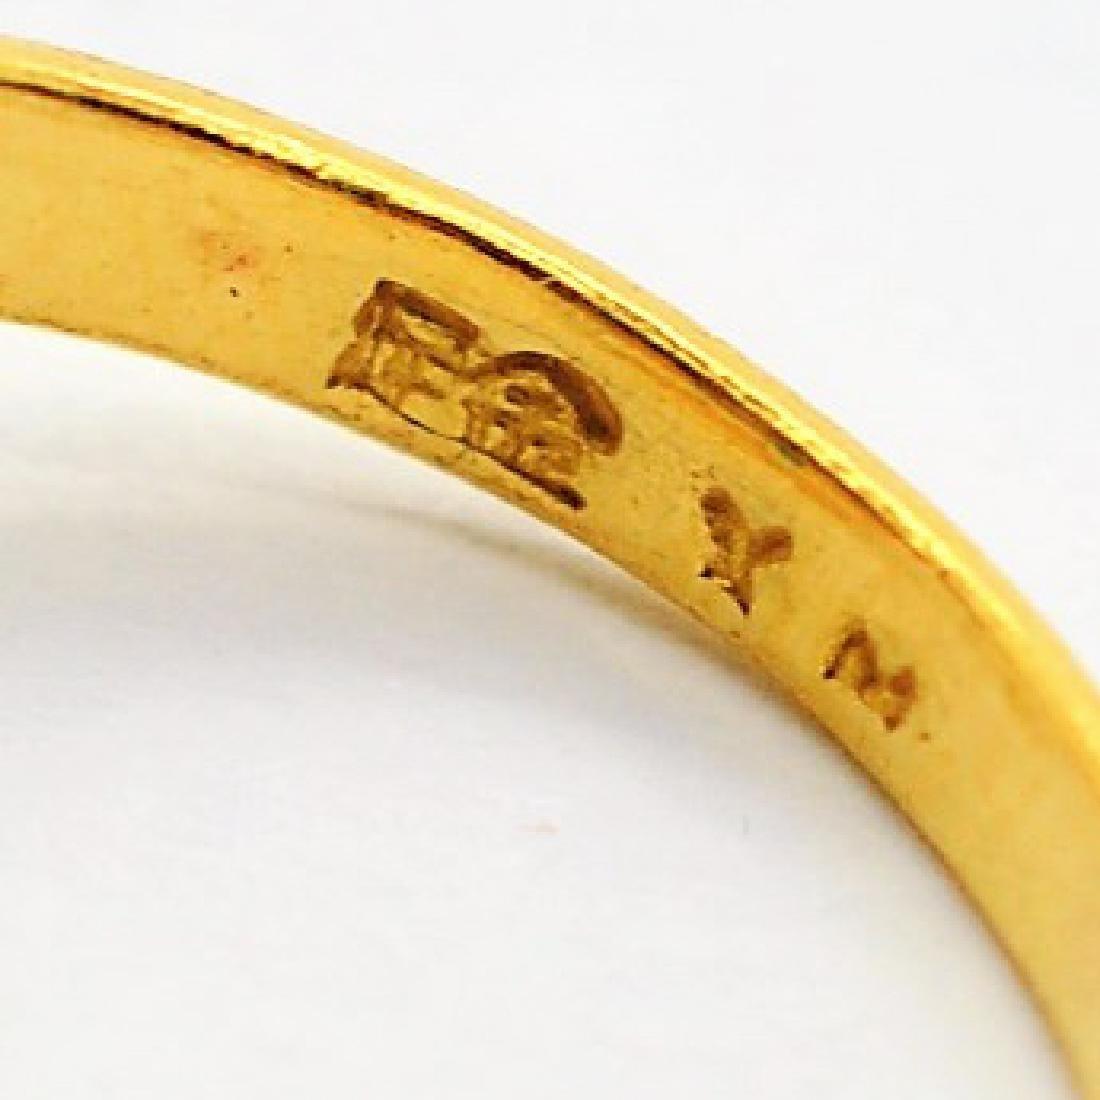 Chinese 24K Gold Apple Green Jade Gemstone Ring - 4